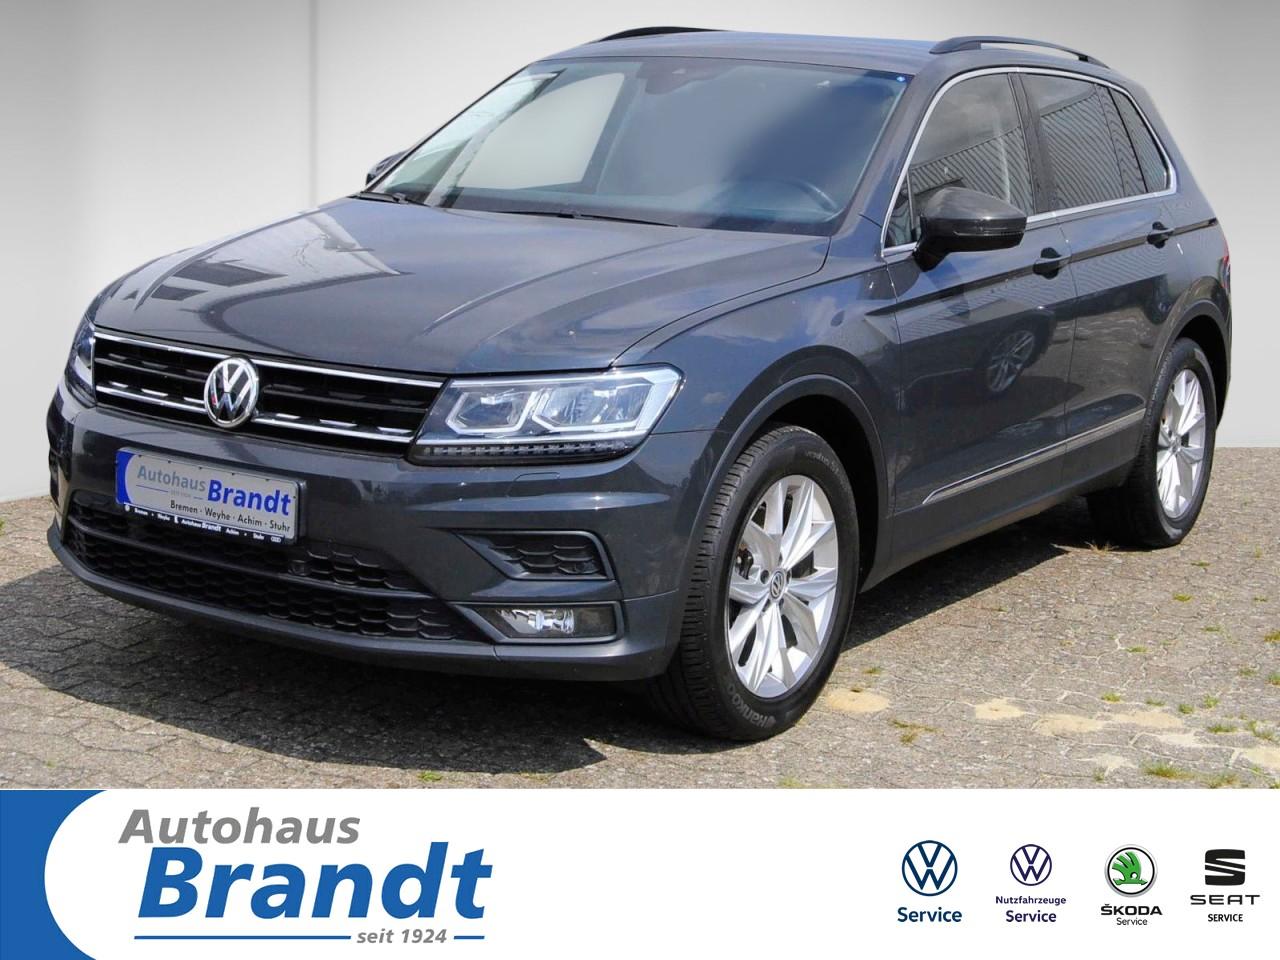 Volkswagen Tiguan 2.0 TDI Comfortline DSG*LED*NAVI*ACTIVE INFO*ACC, Jahr 2018, Diesel